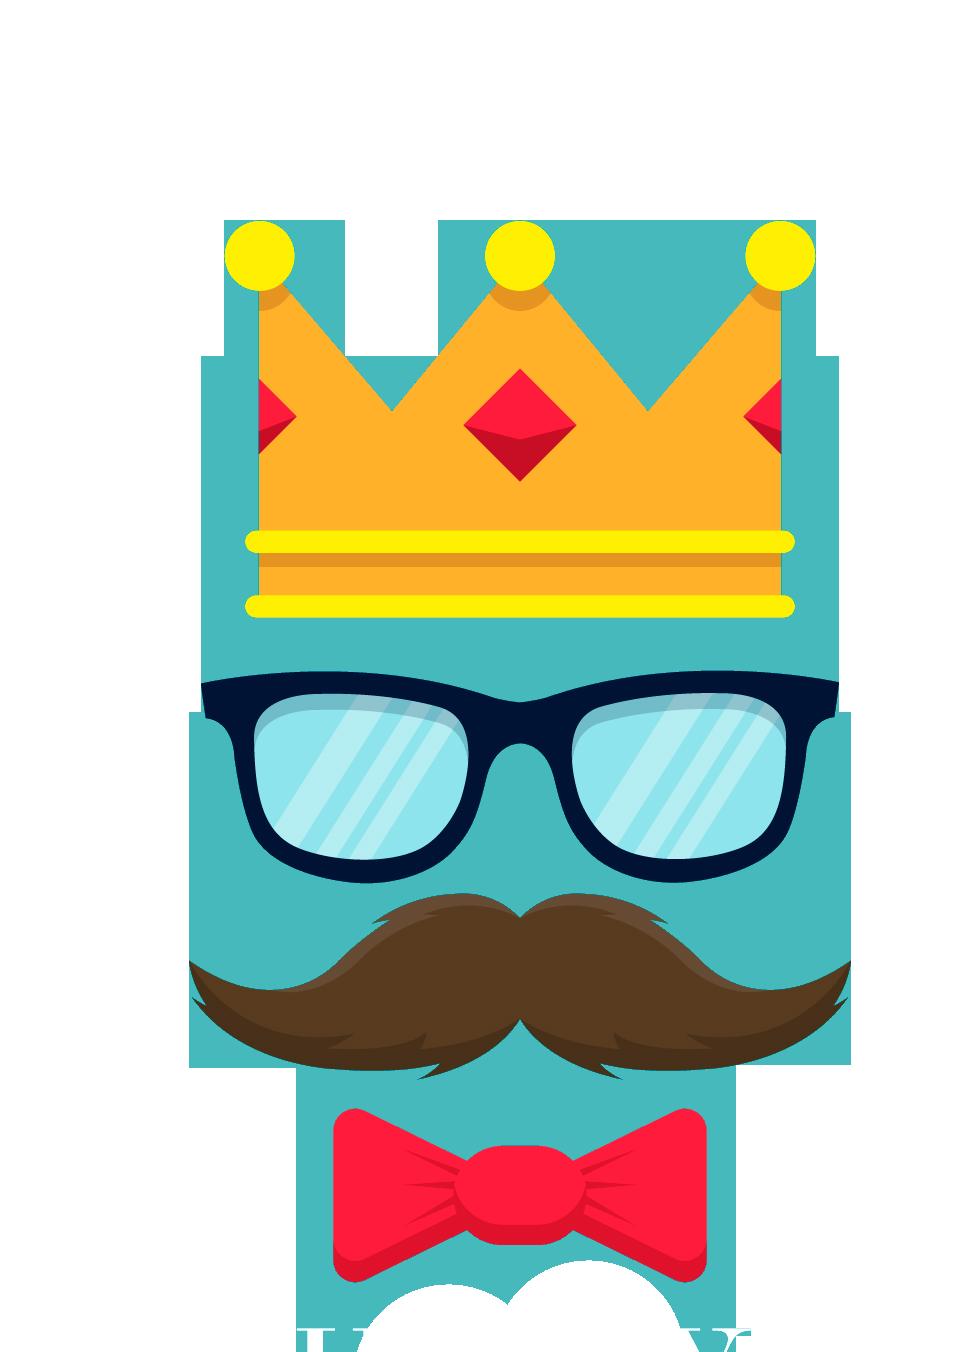 Fathers day png transparent. Moustache clipart sunglasses